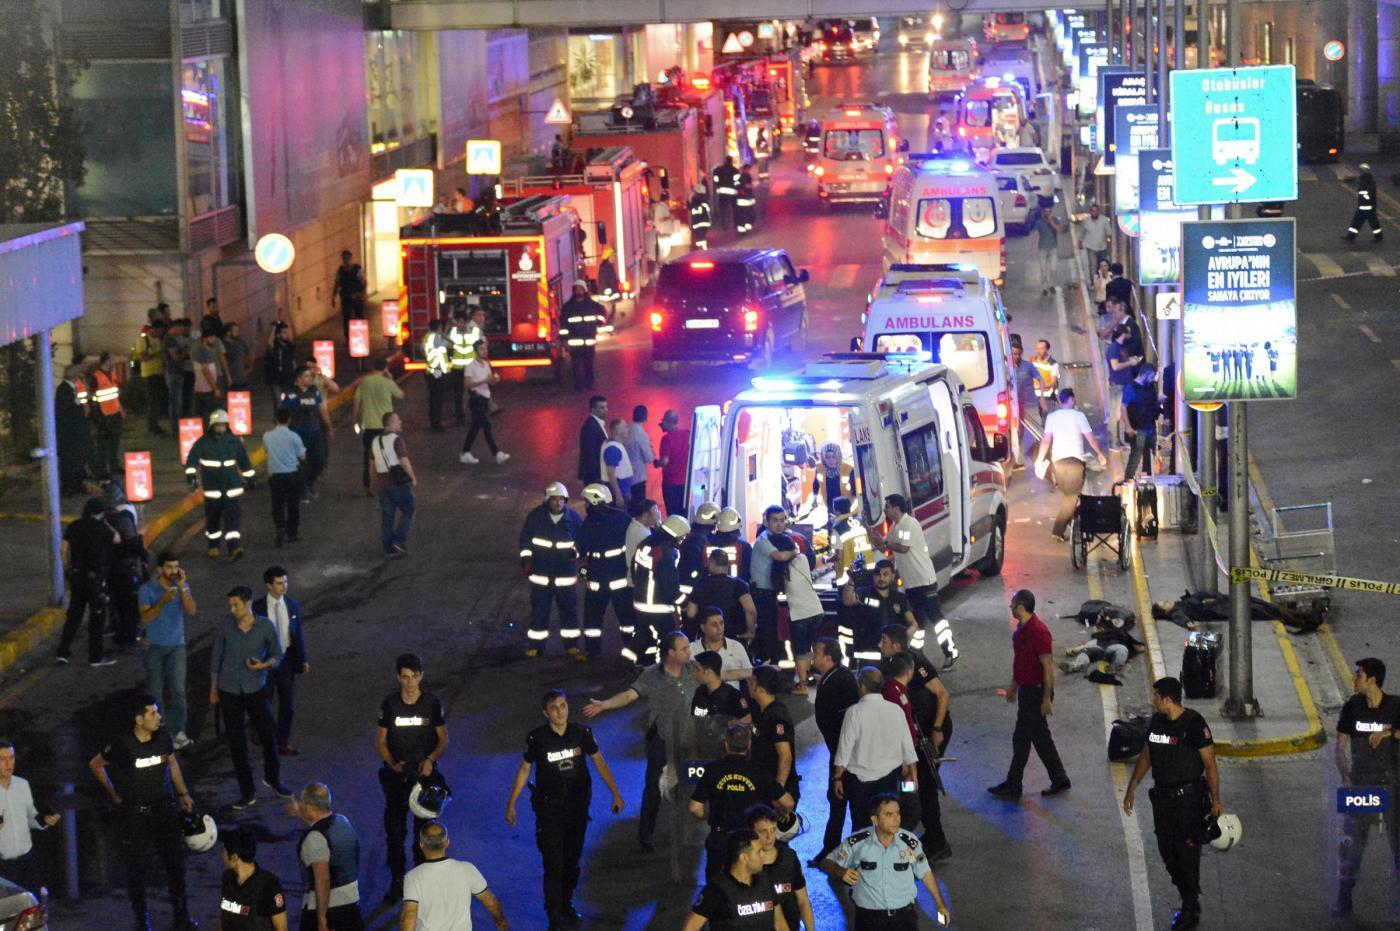 Turchia, attentato all'aeroporto Ataturk di Istanbul. Kamikaze fanno morti e feriti